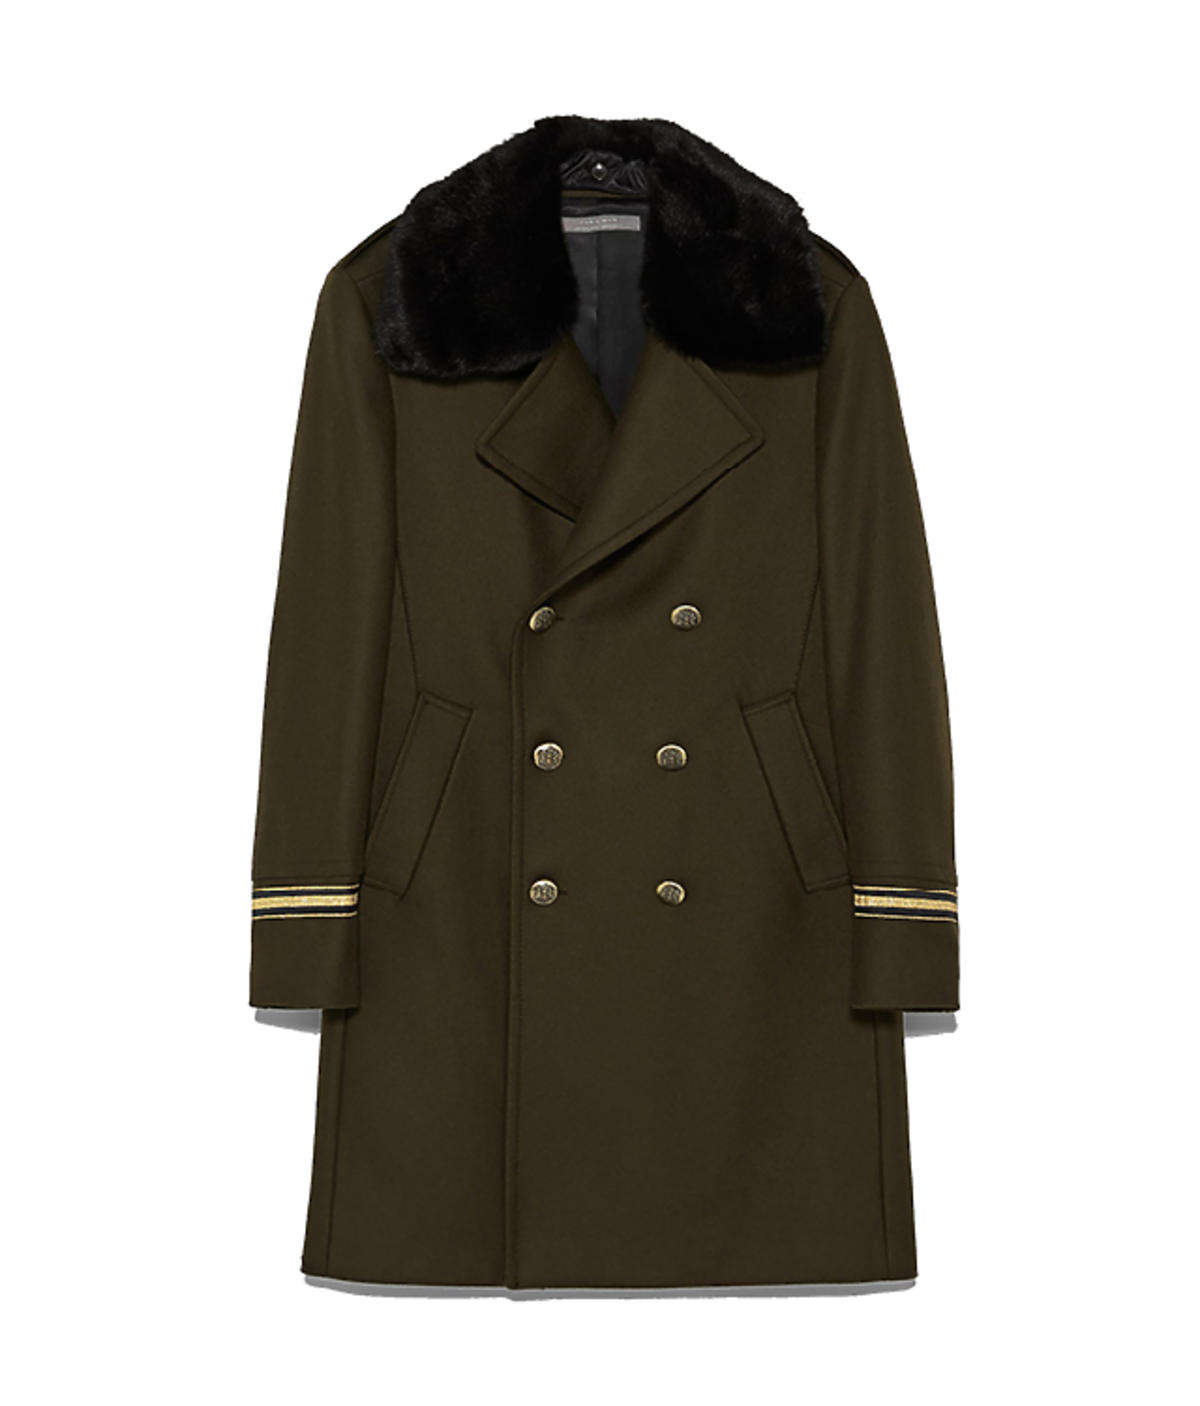 Płaszcz z futrzanym kołnierzem w stylu militarnym, Zara, 599 zł